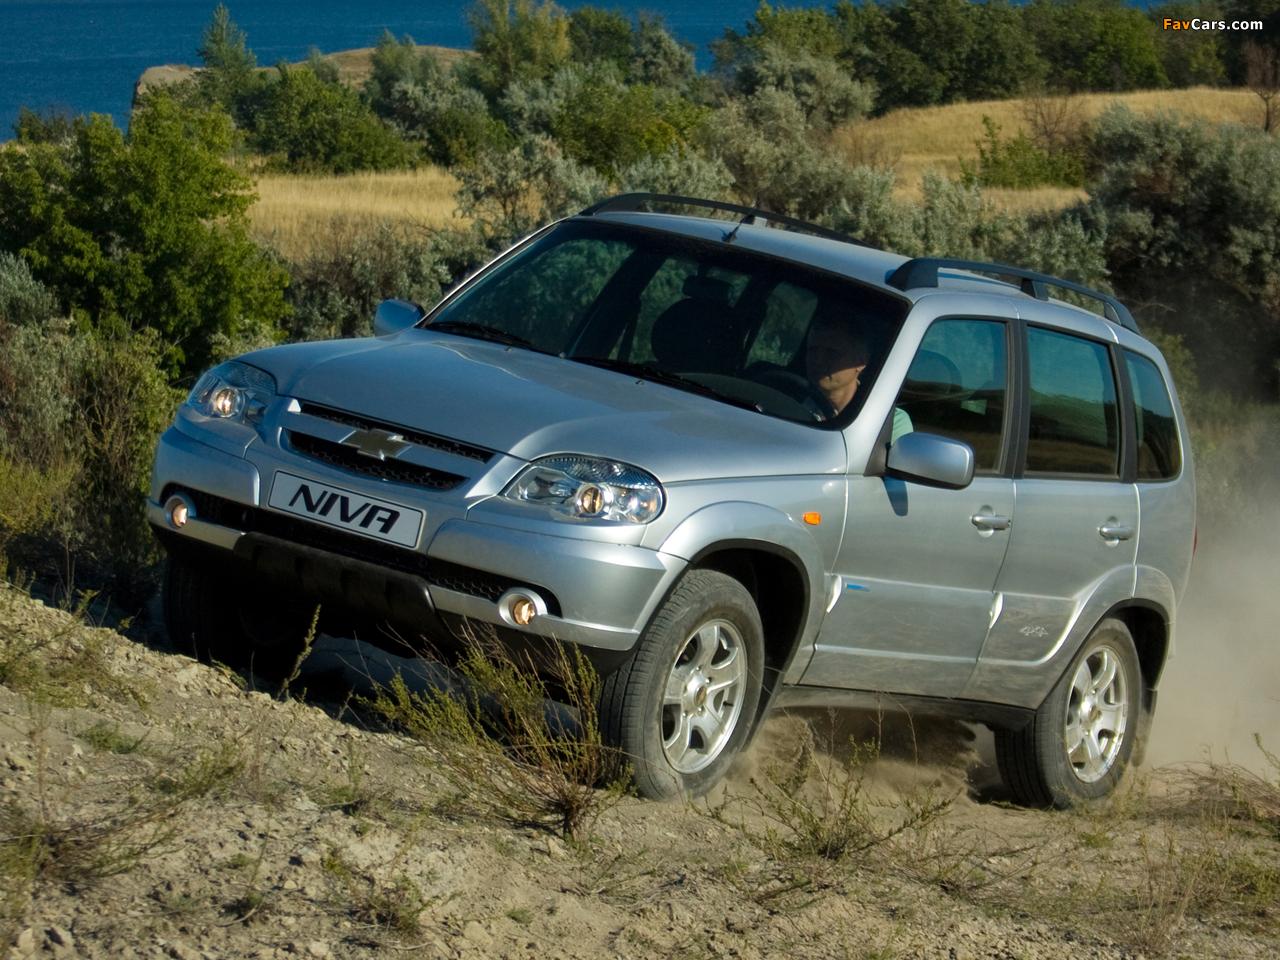 Chevrolet Niva 2009 pictures (1280 x 960)